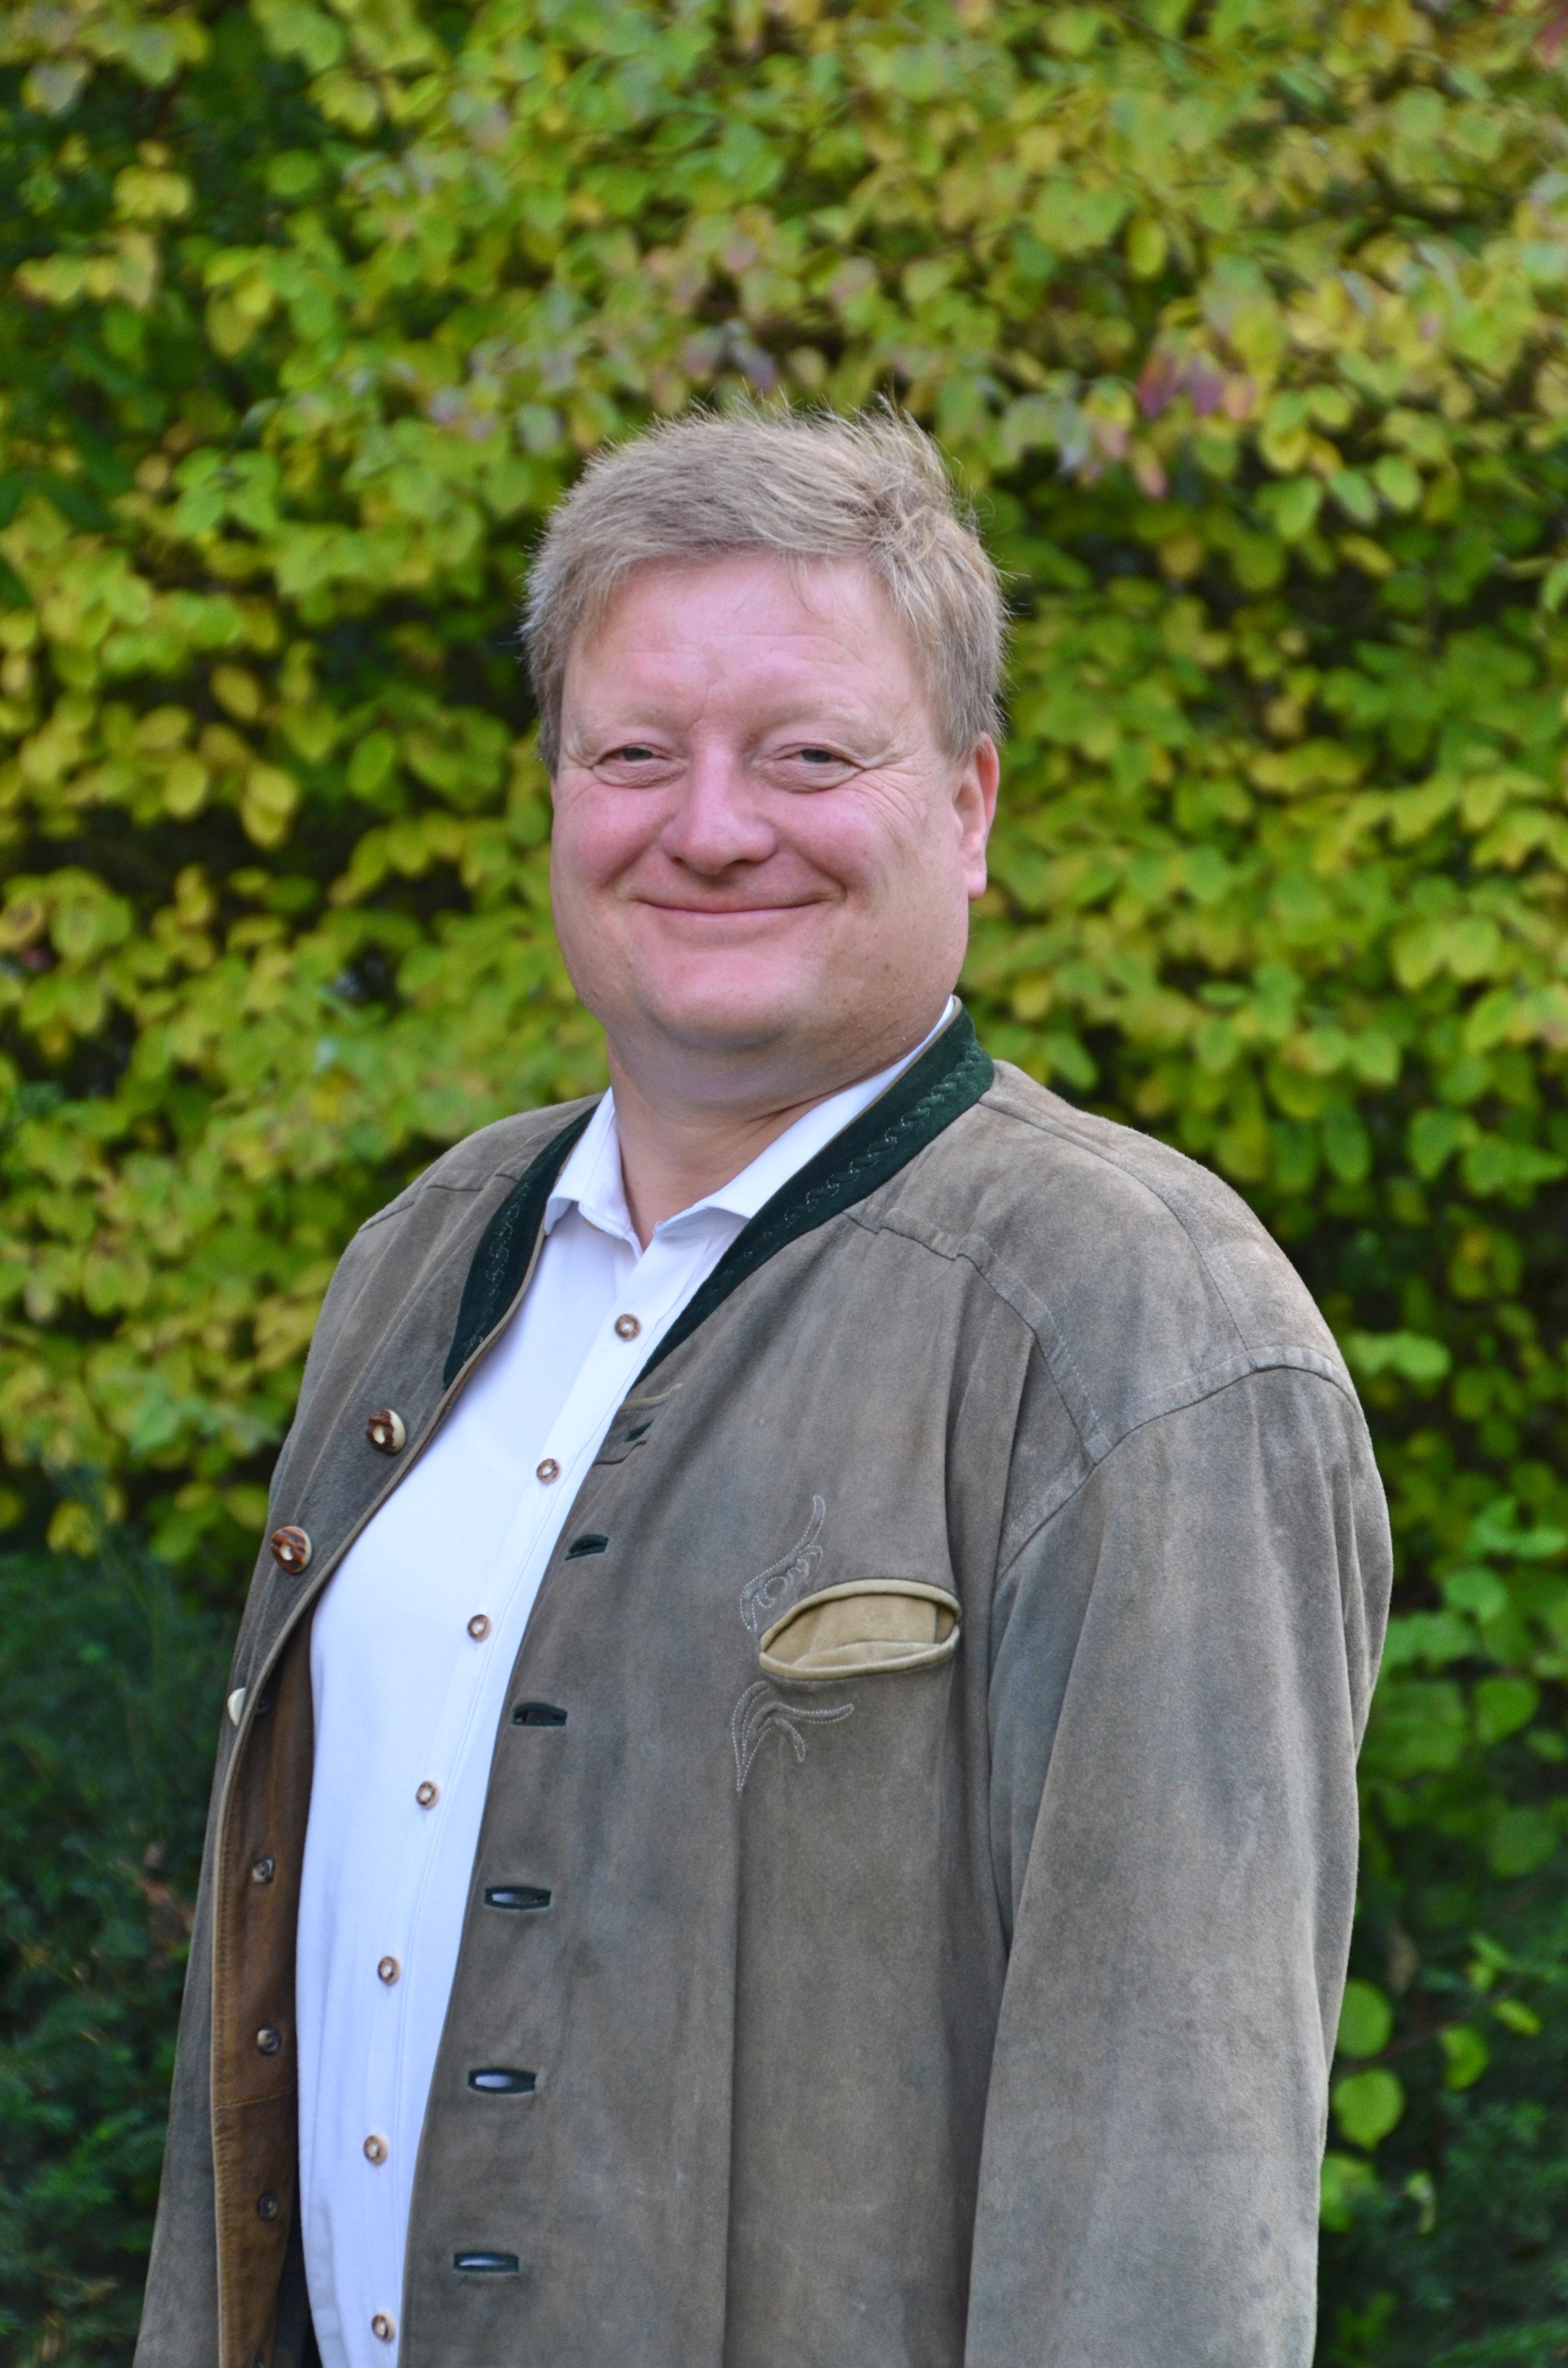 Peter Cosack